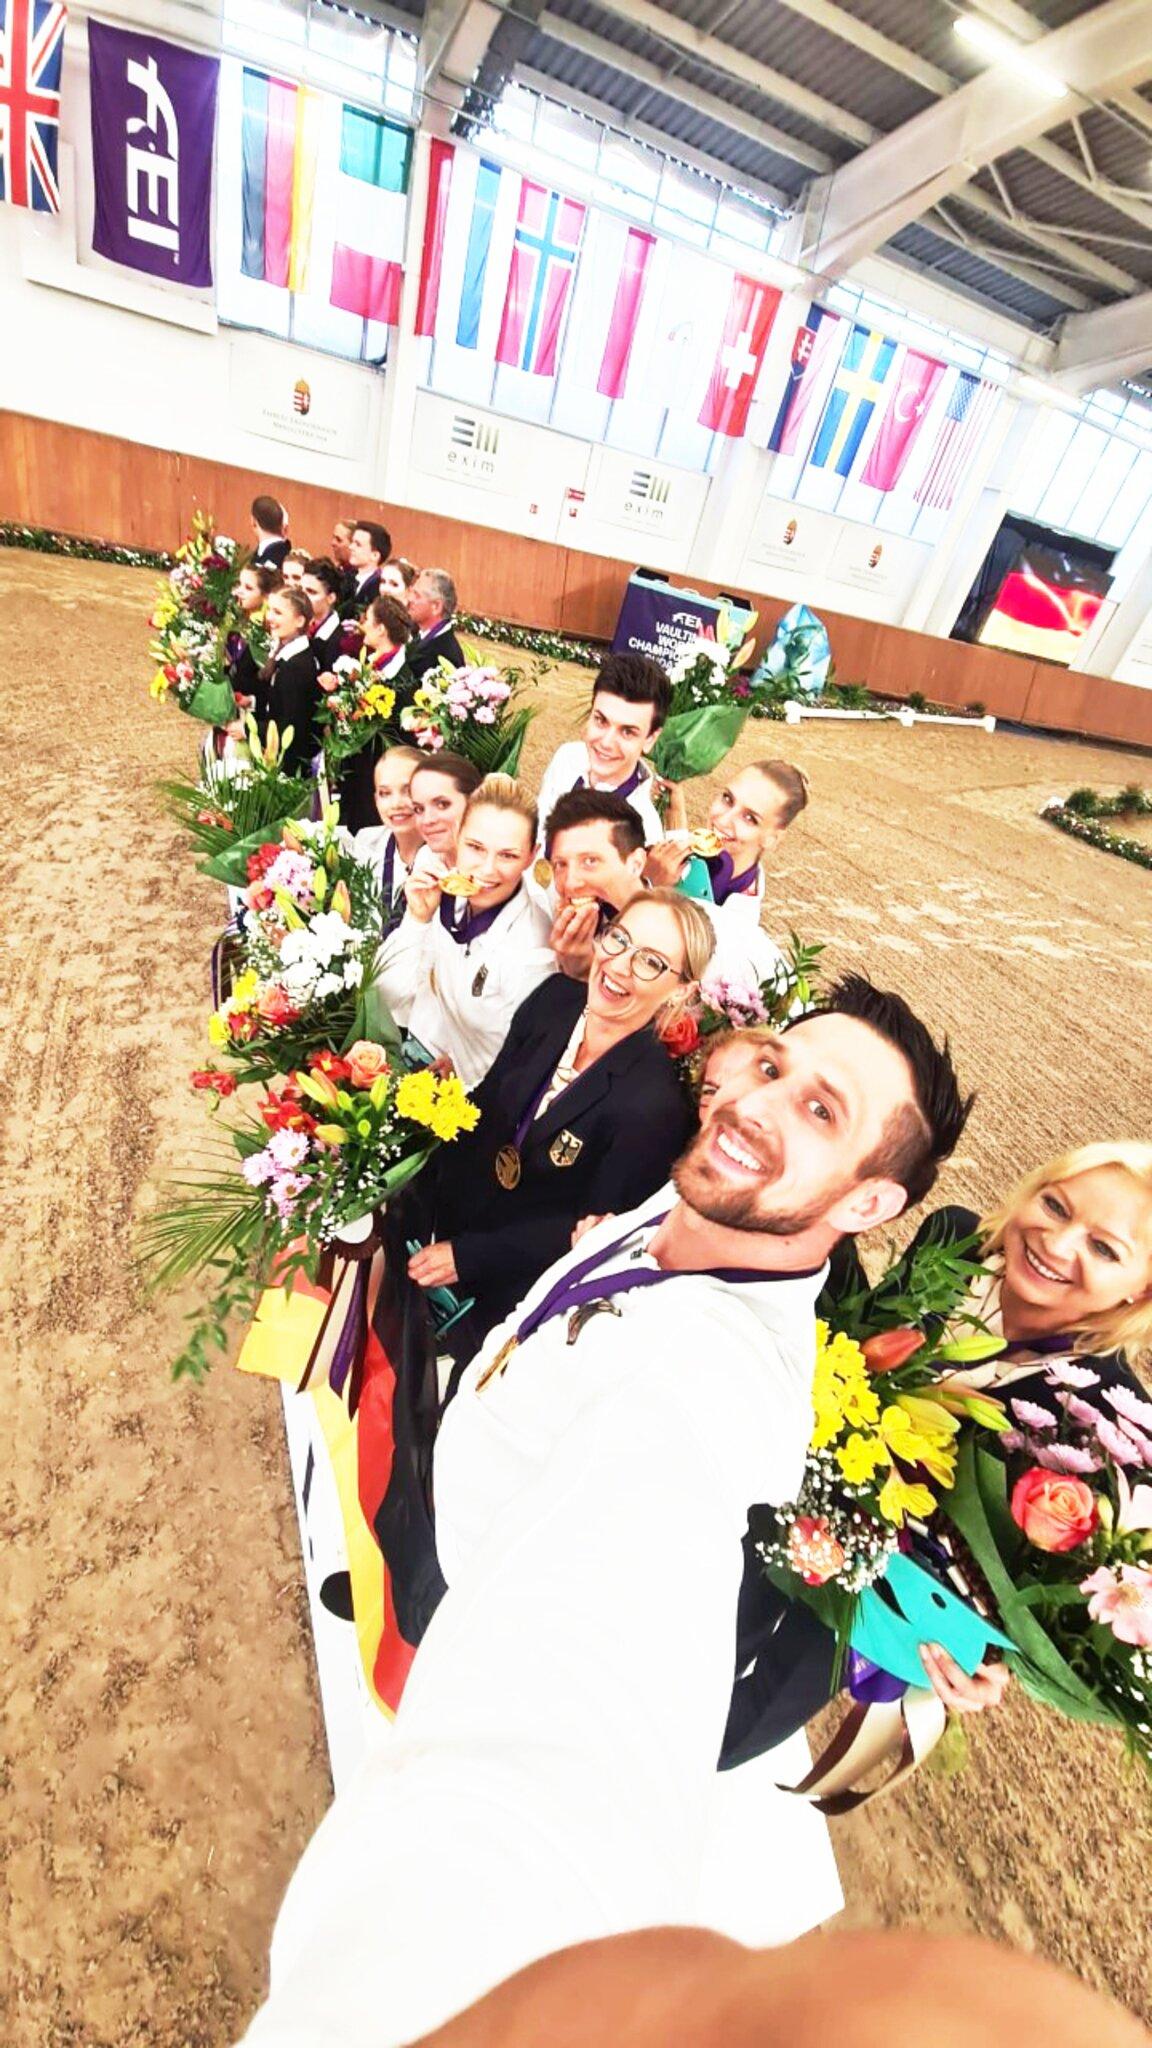 Weltmeister mit deutscher Mannschaft und als Einzelgruppe                                                                  Zwei Mal Gold für Fredenbecks Voltigierer